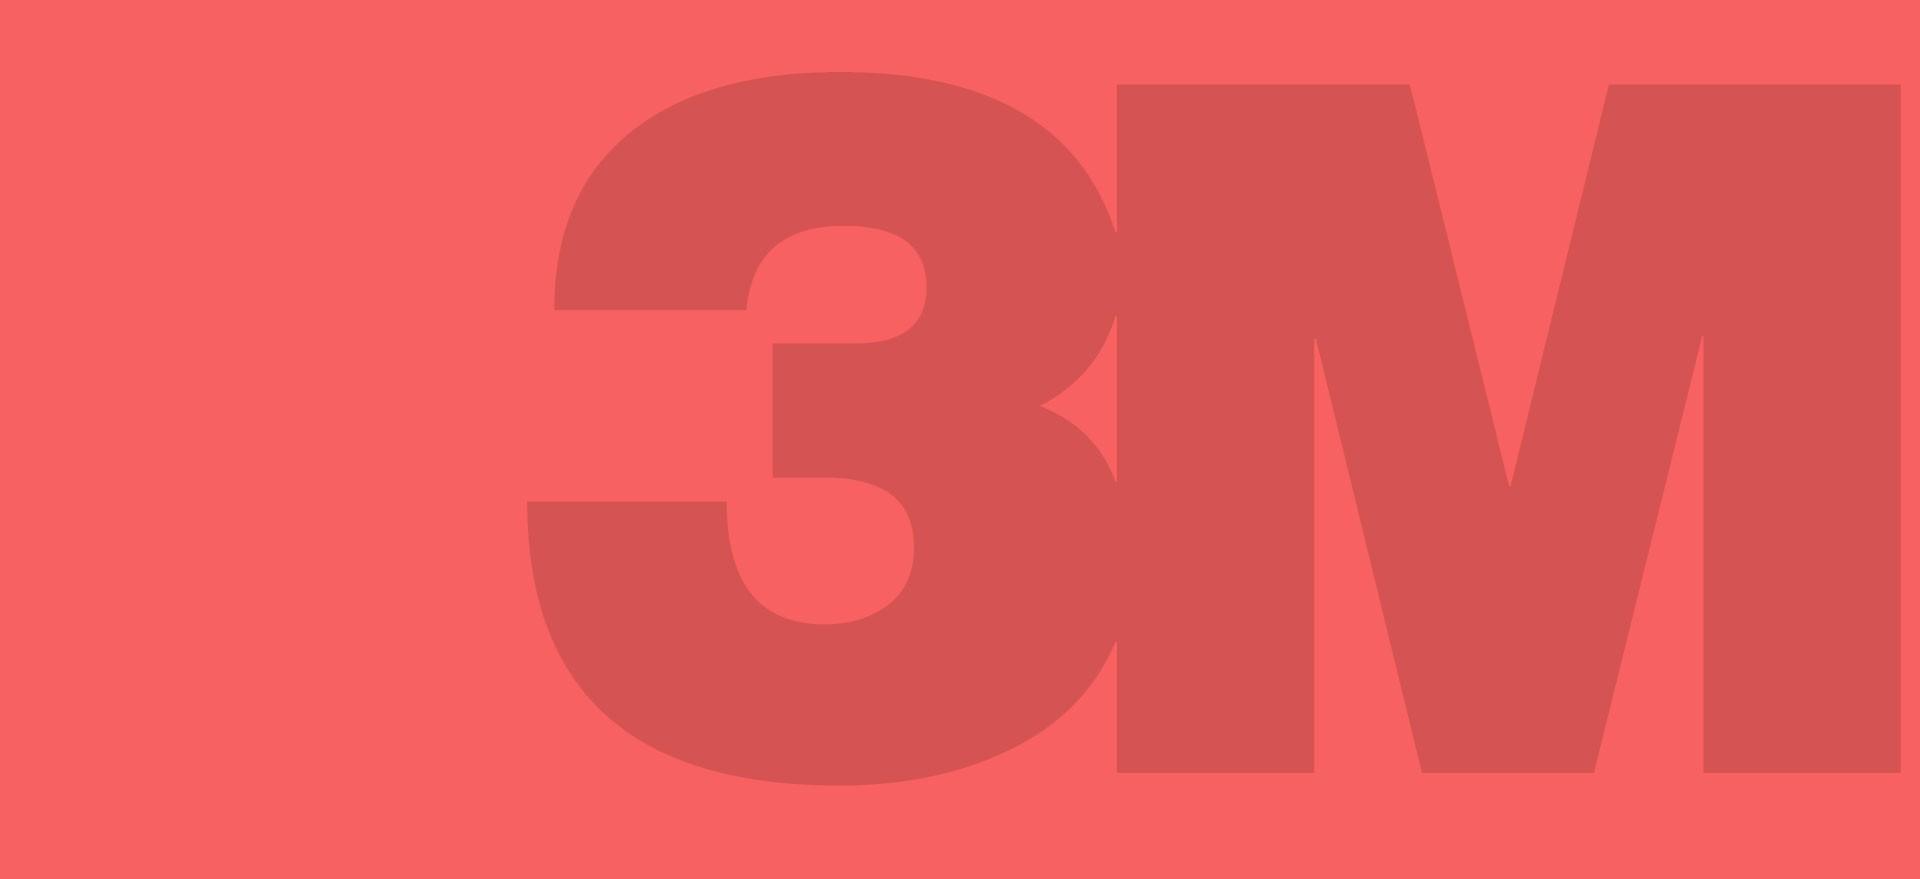 3m-header-graphic